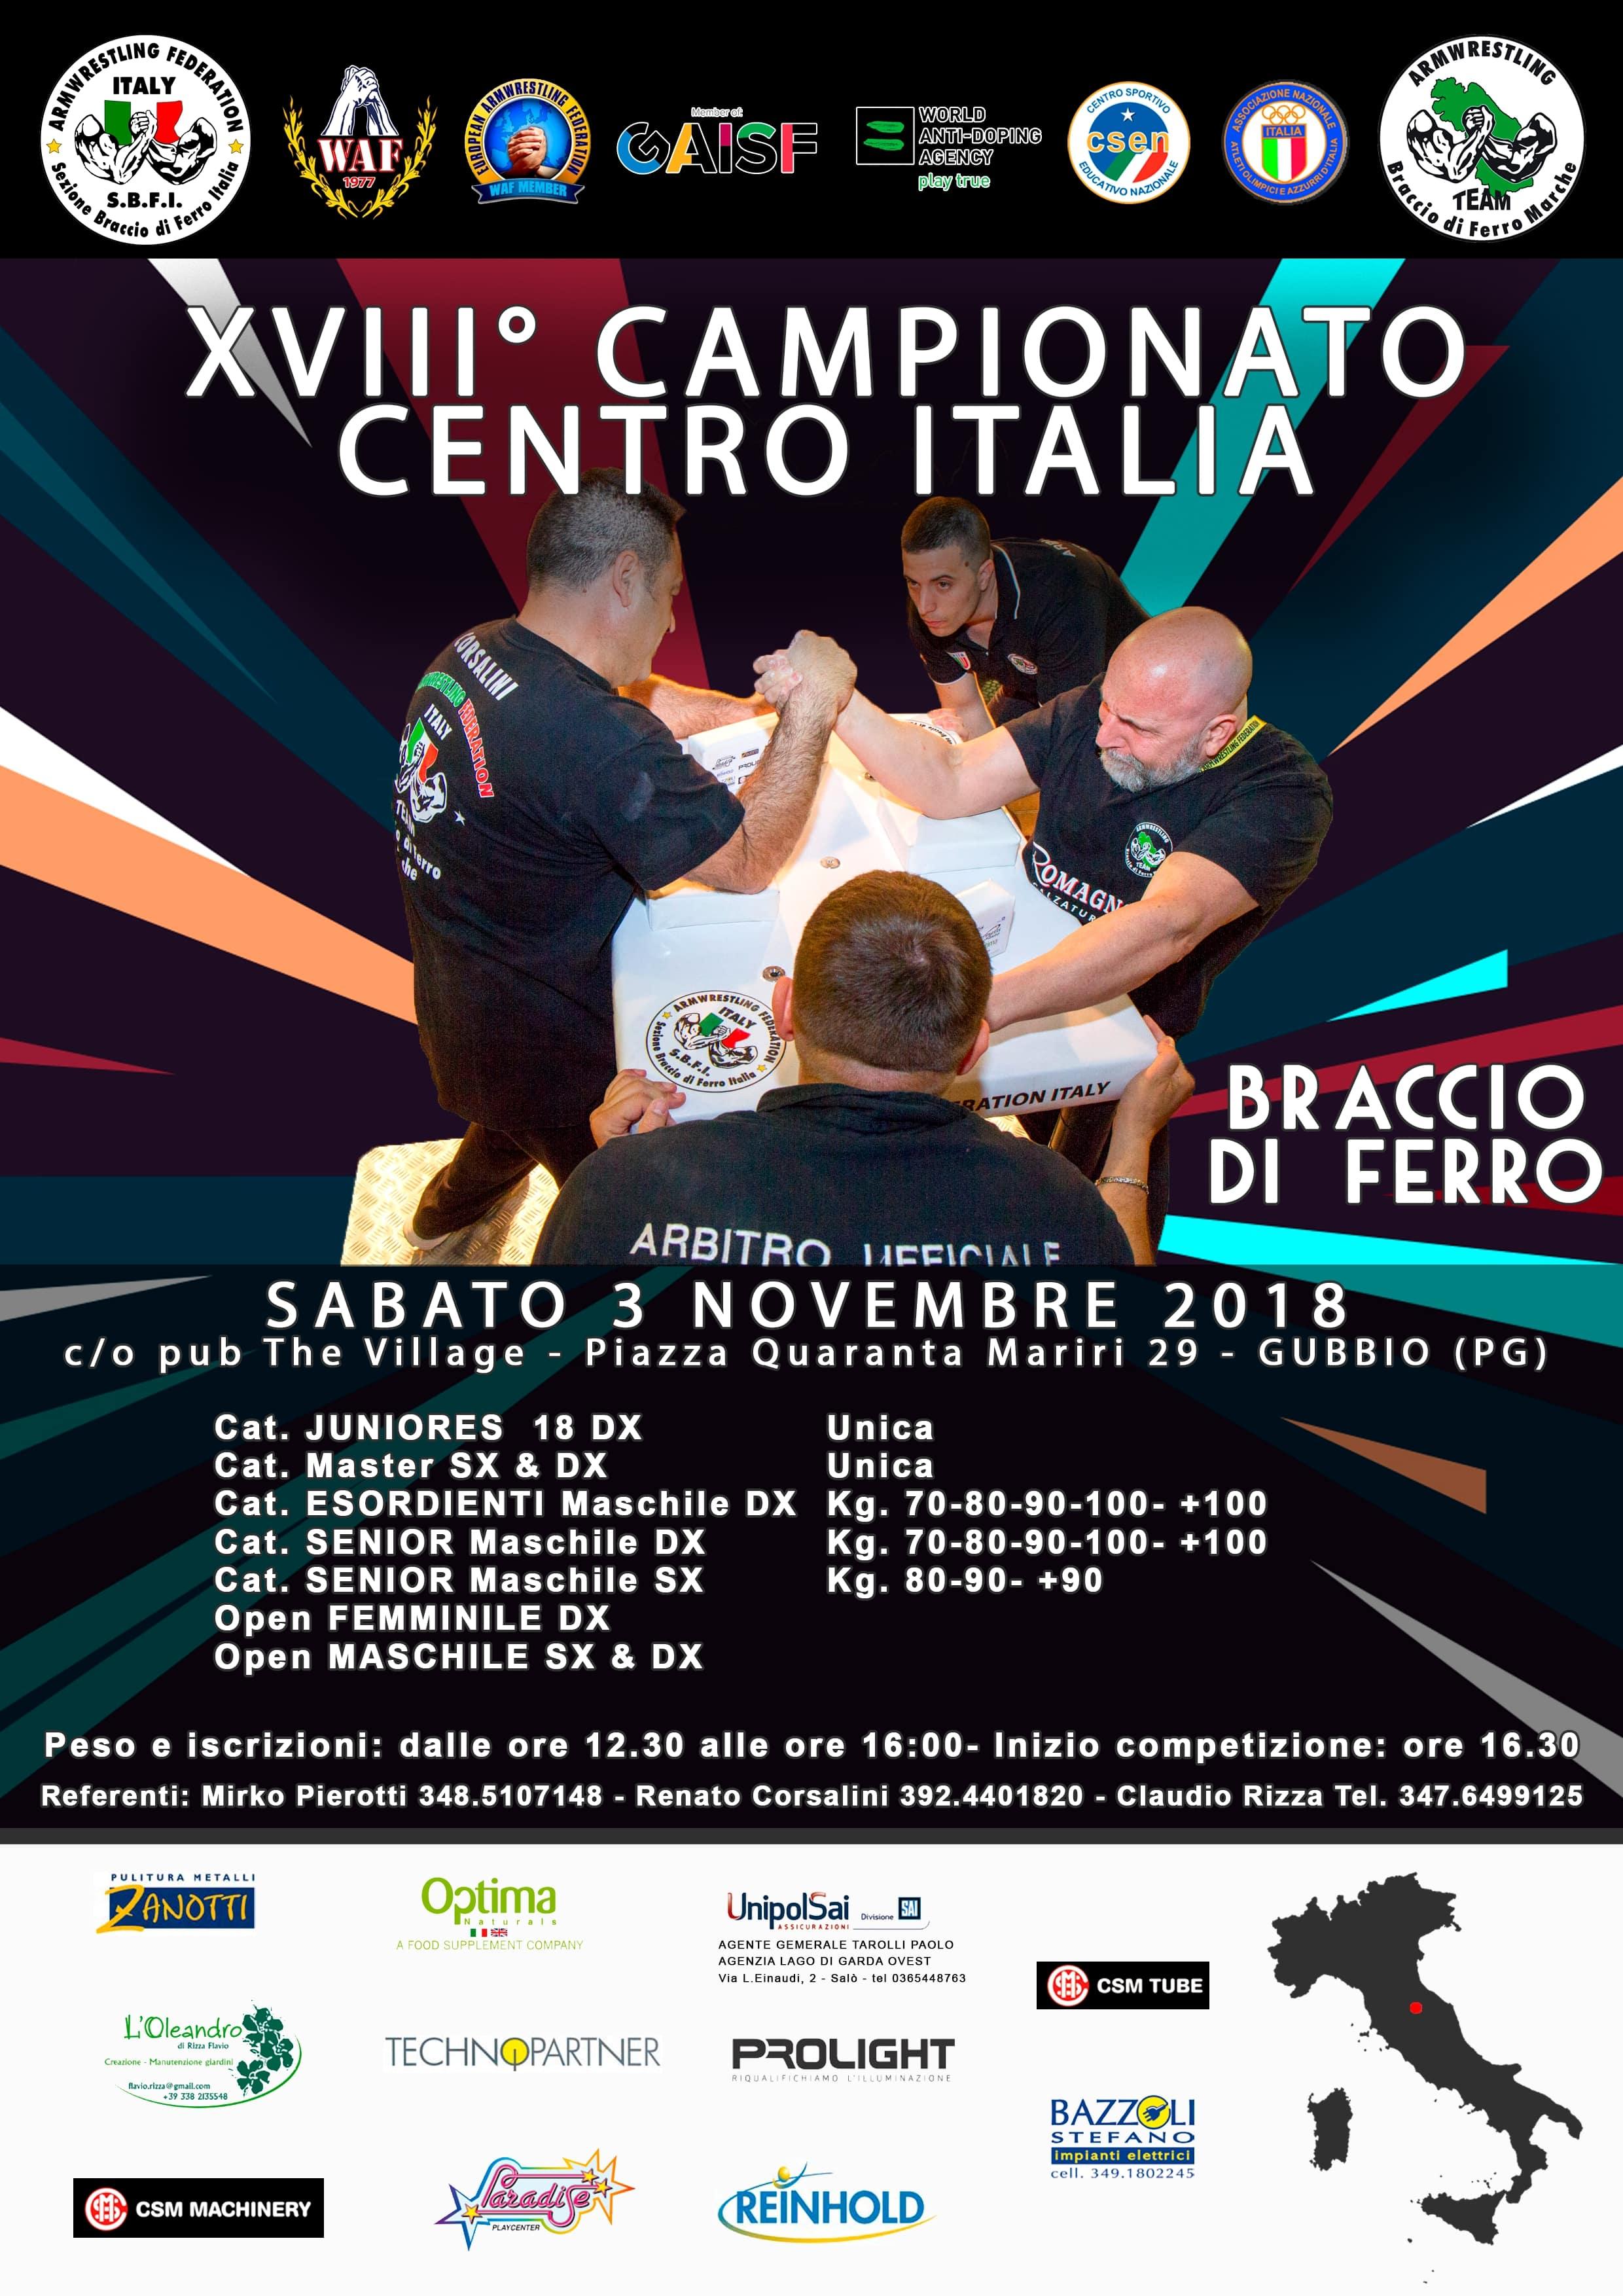 SBFI - Sezione Braccio di Ferro Italia - XVIII Campionato centro Italia